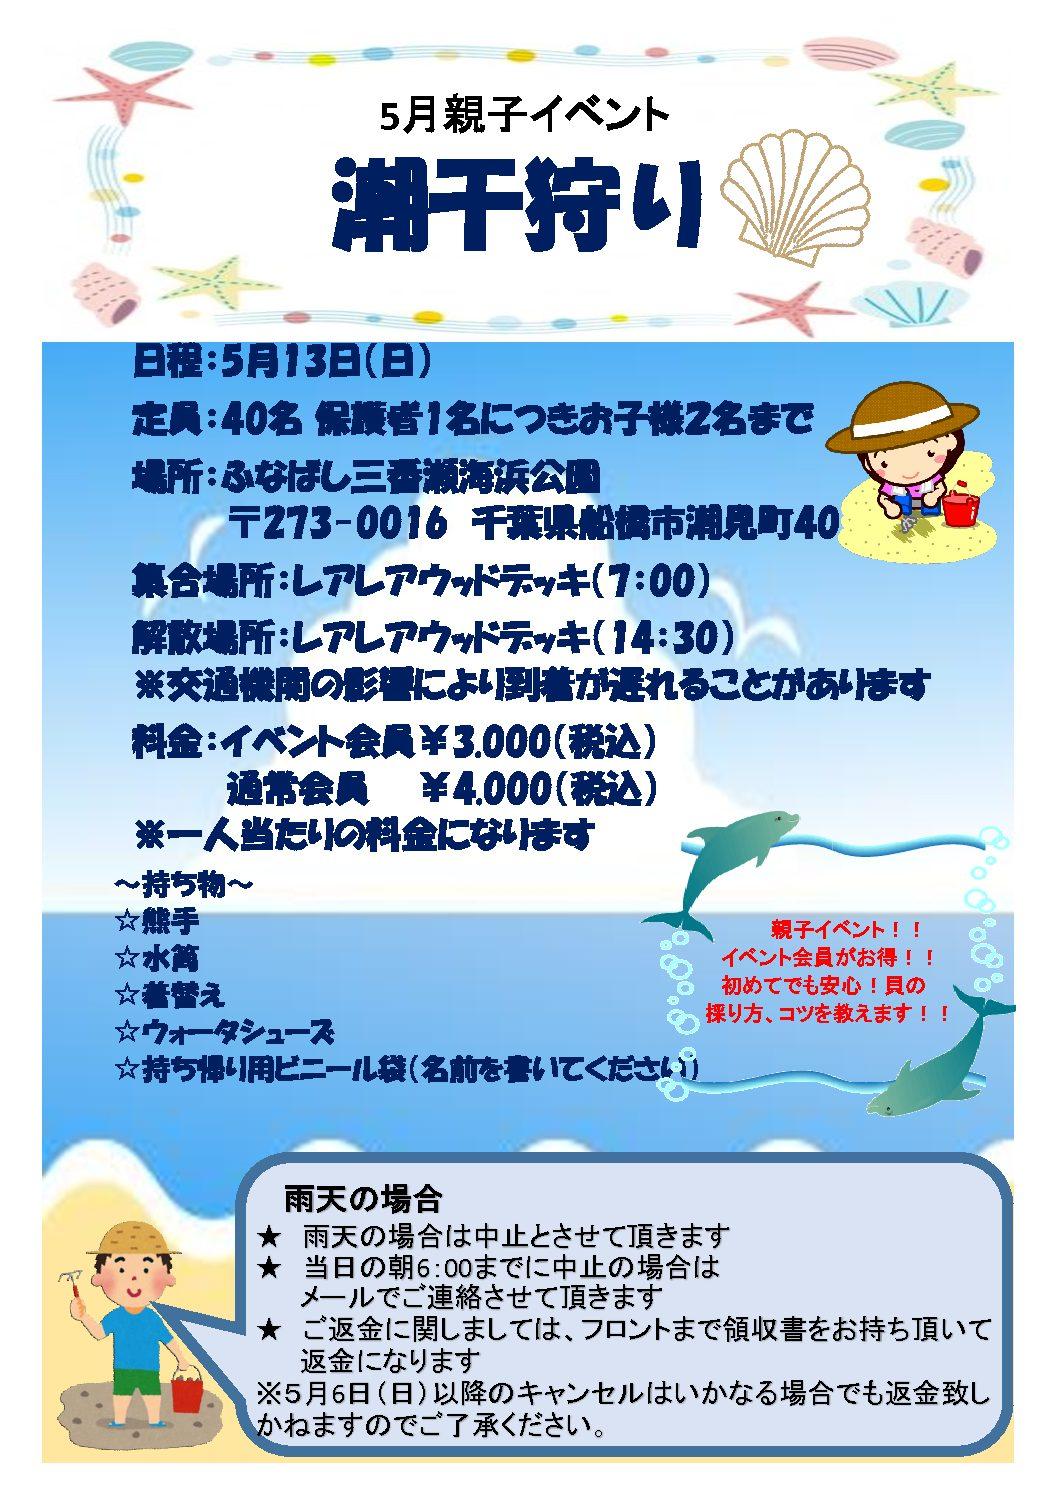 5月キッズイベント「潮干狩り」